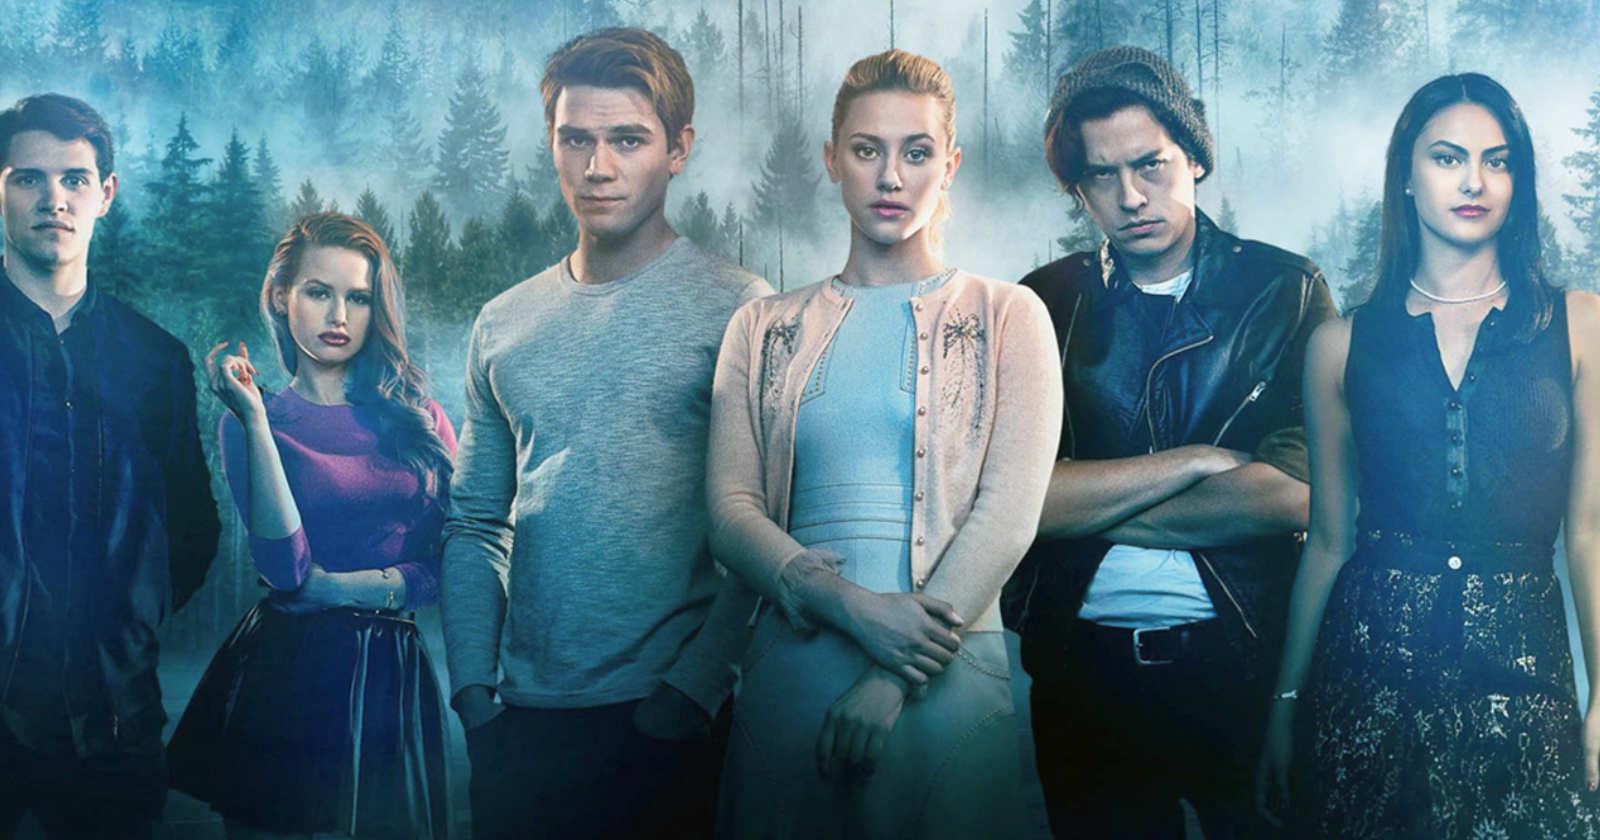 Cuarta temporada de Riverdale ya está disponible en Netflix